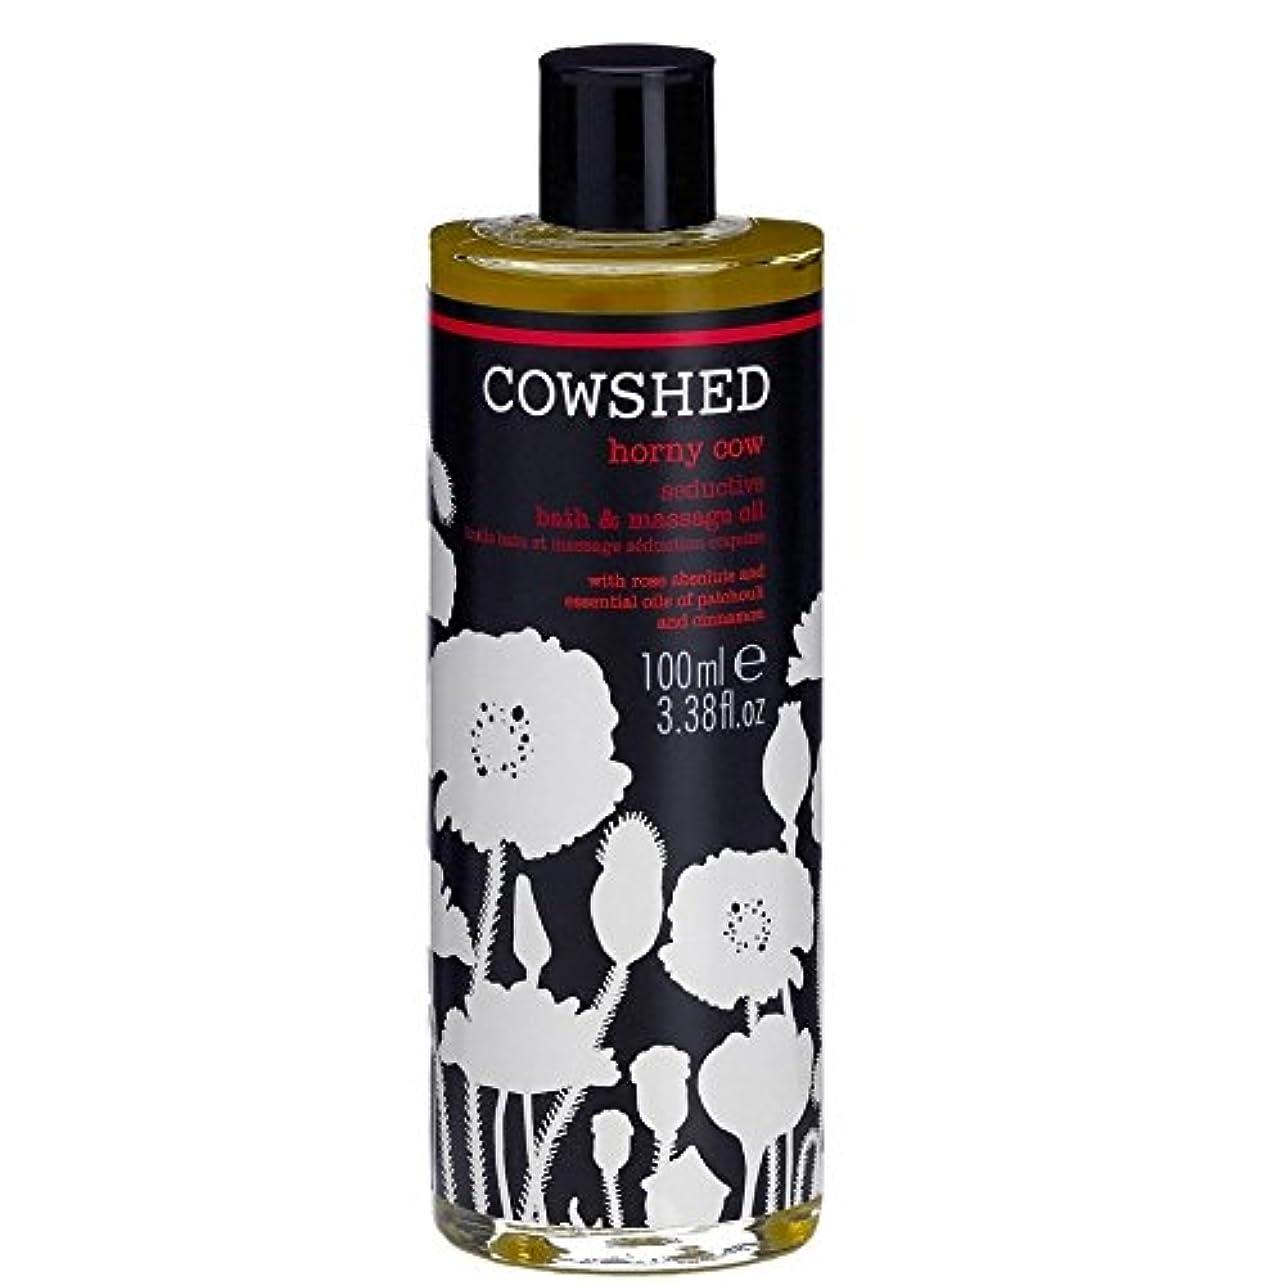 牛舎角質牛魅惑的なバス、ボディオイル100ミリリットル x4 - Cowshed Horny Cow Seductive Bath and Body Oil 100ml (Pack of 4) [並行輸入品]